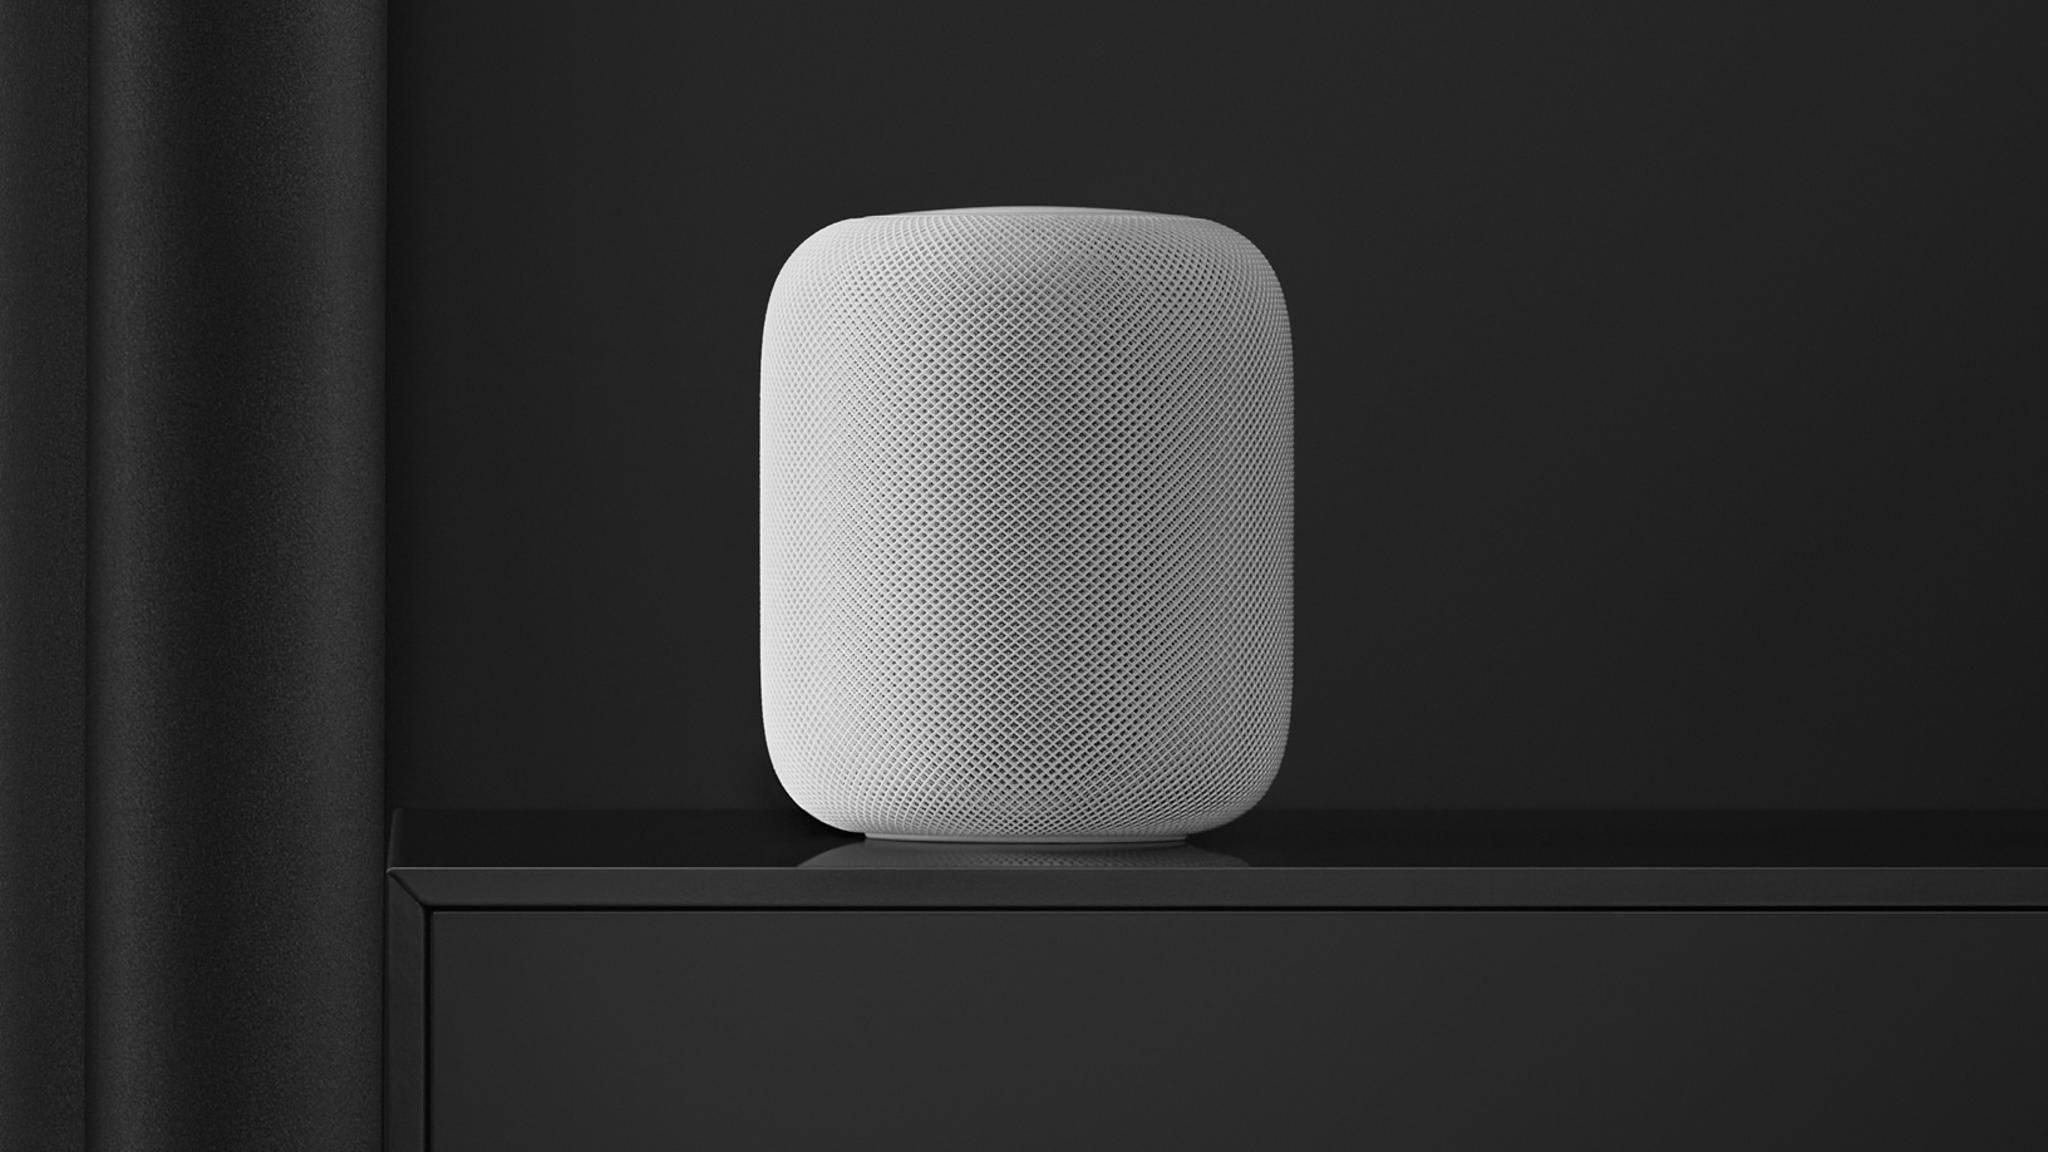 Apple hat das Erscheinungsdatum und den Preis für den Apple HomePod bekannt gegeben.